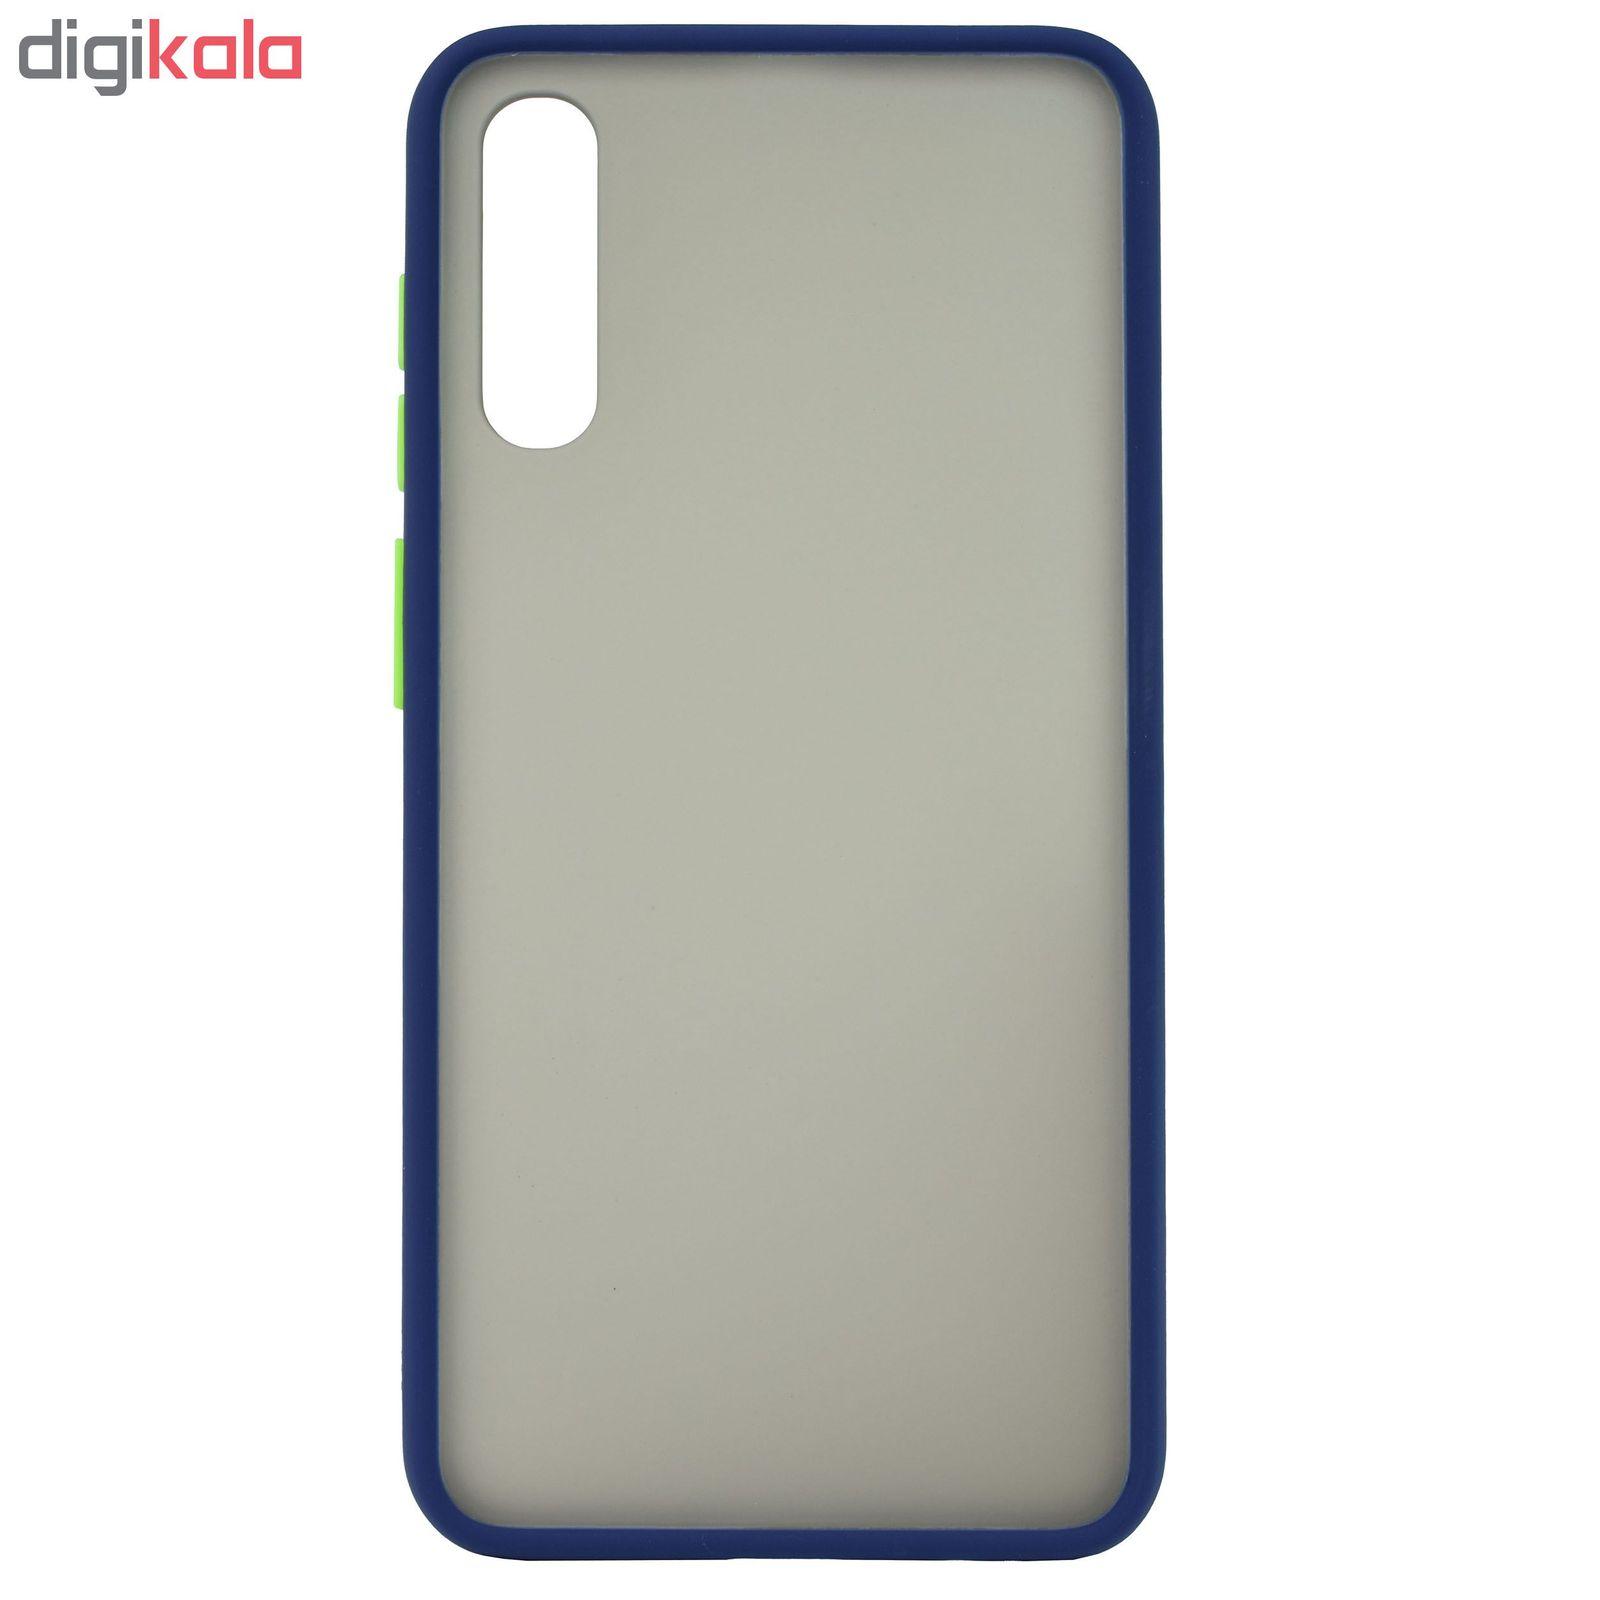 کاور مدل Slico01 مناسب برای گوشی موبایل سامسونگ Galaxy A50 main 1 8